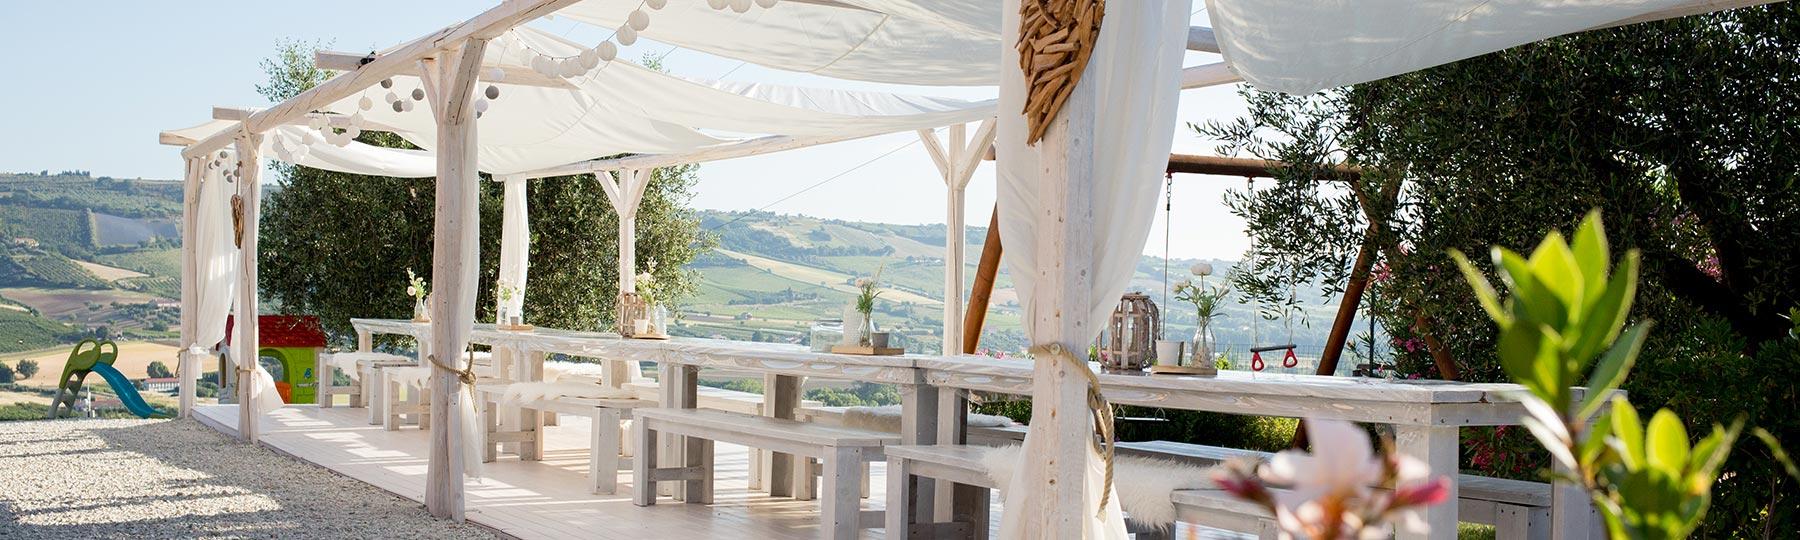 Villa alwin vakantie le marche glamping luxe tenten for Luxe vakantie appartementen